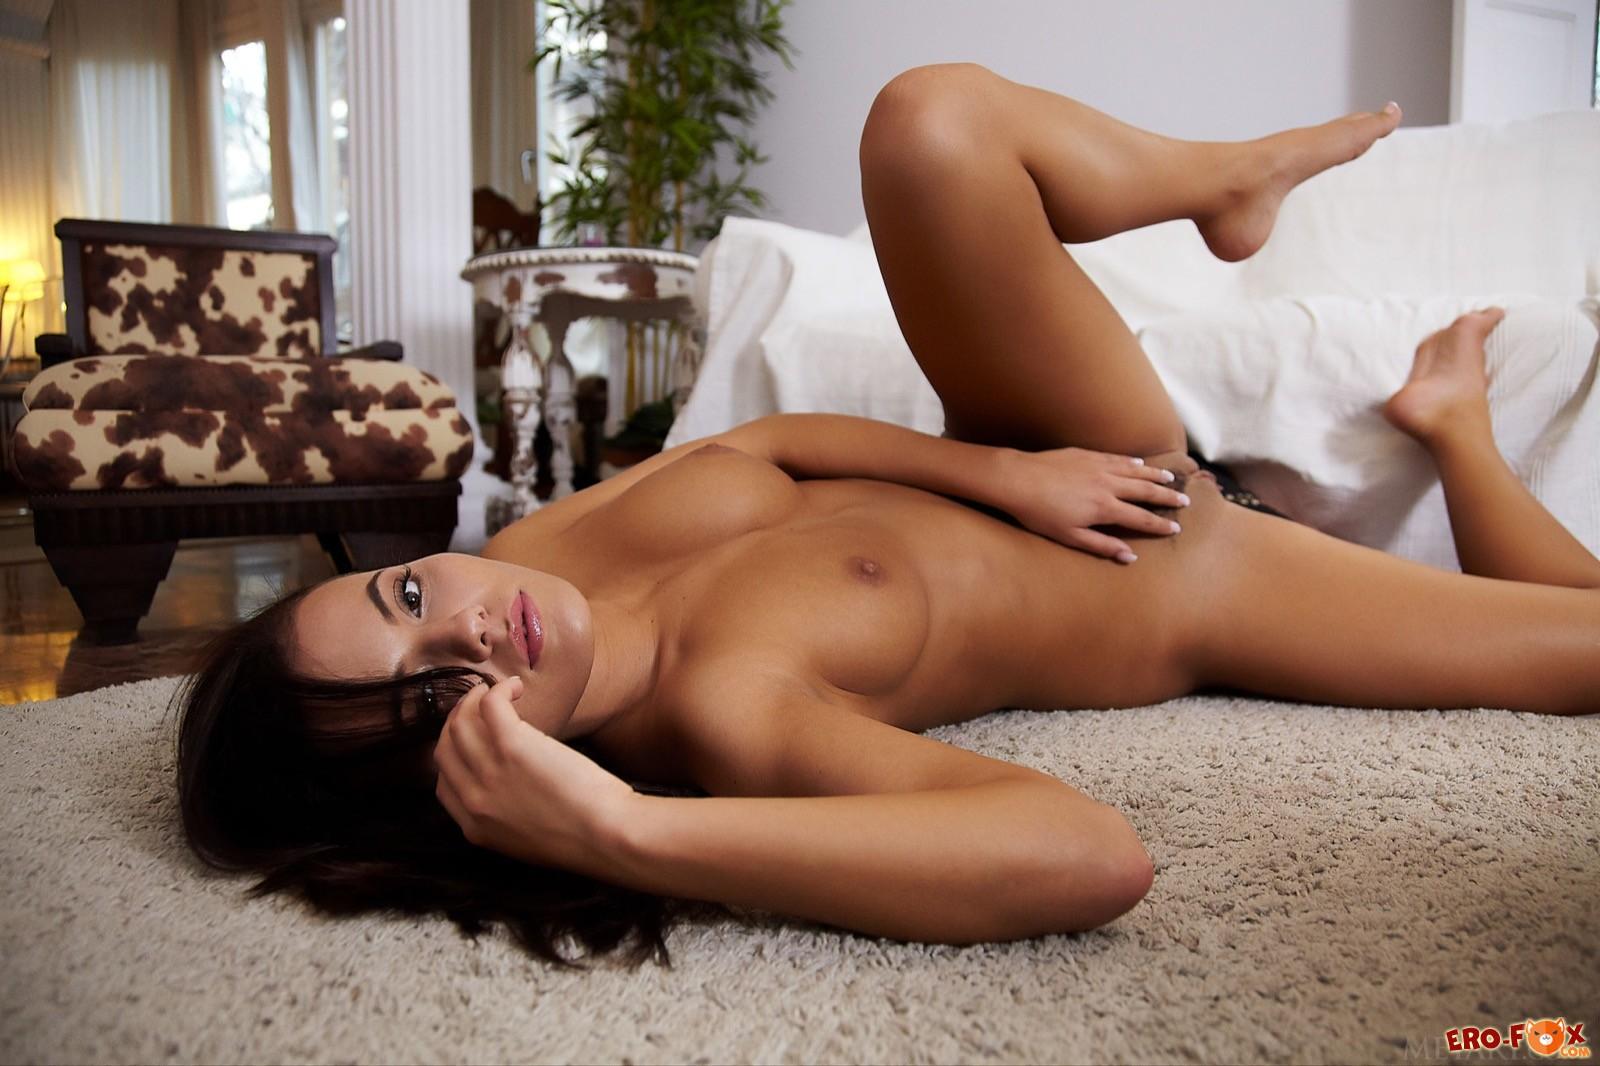 Загорелая голая девица показывает себя лежа на полу - фото